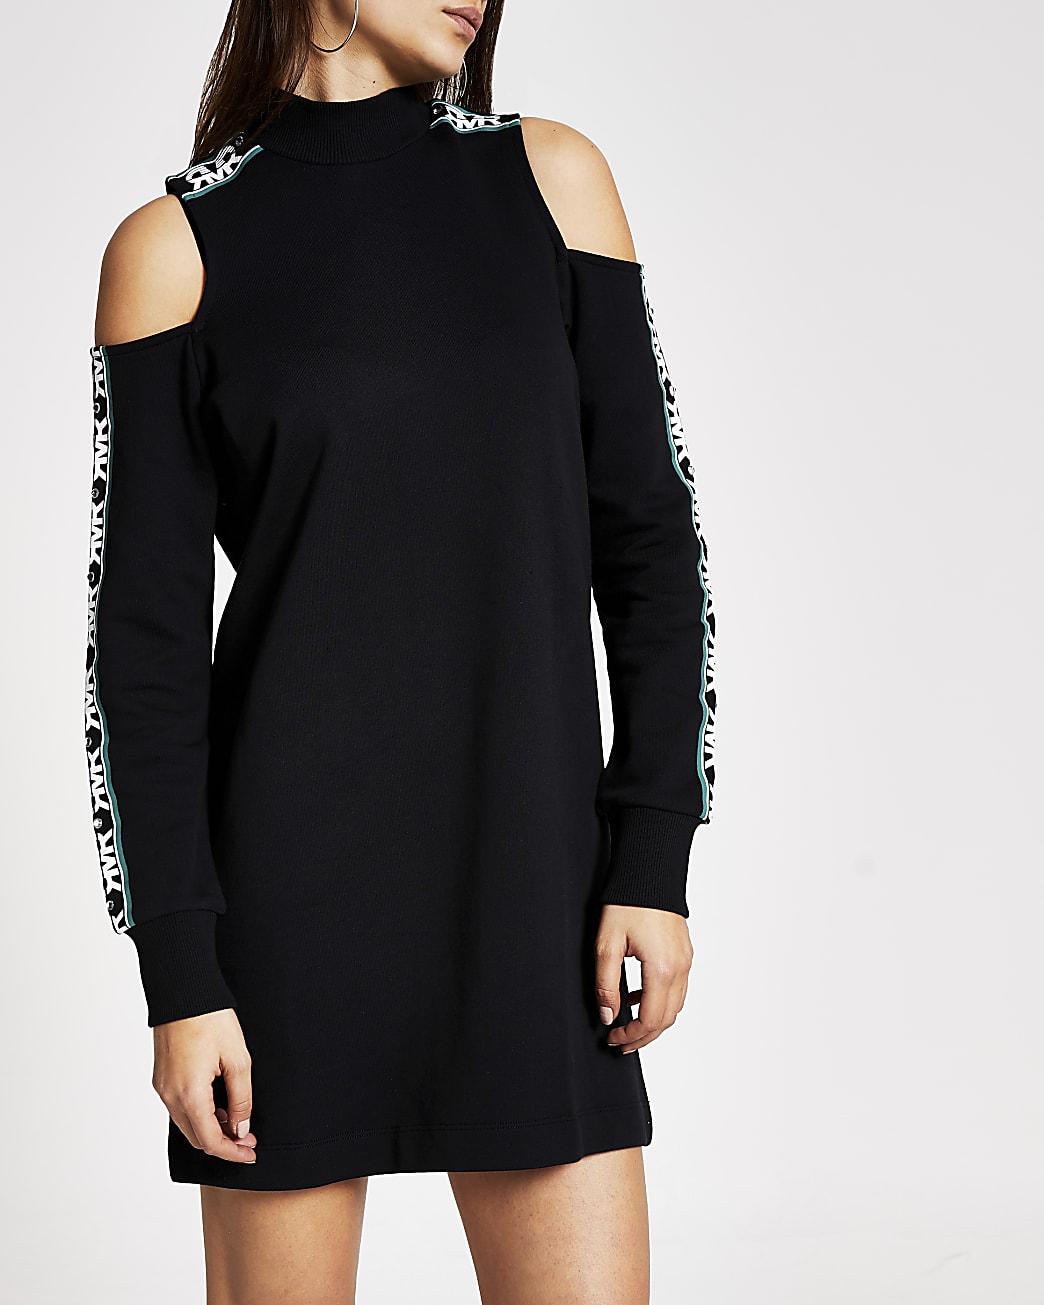 Black cold shoulder RVR sweater dress